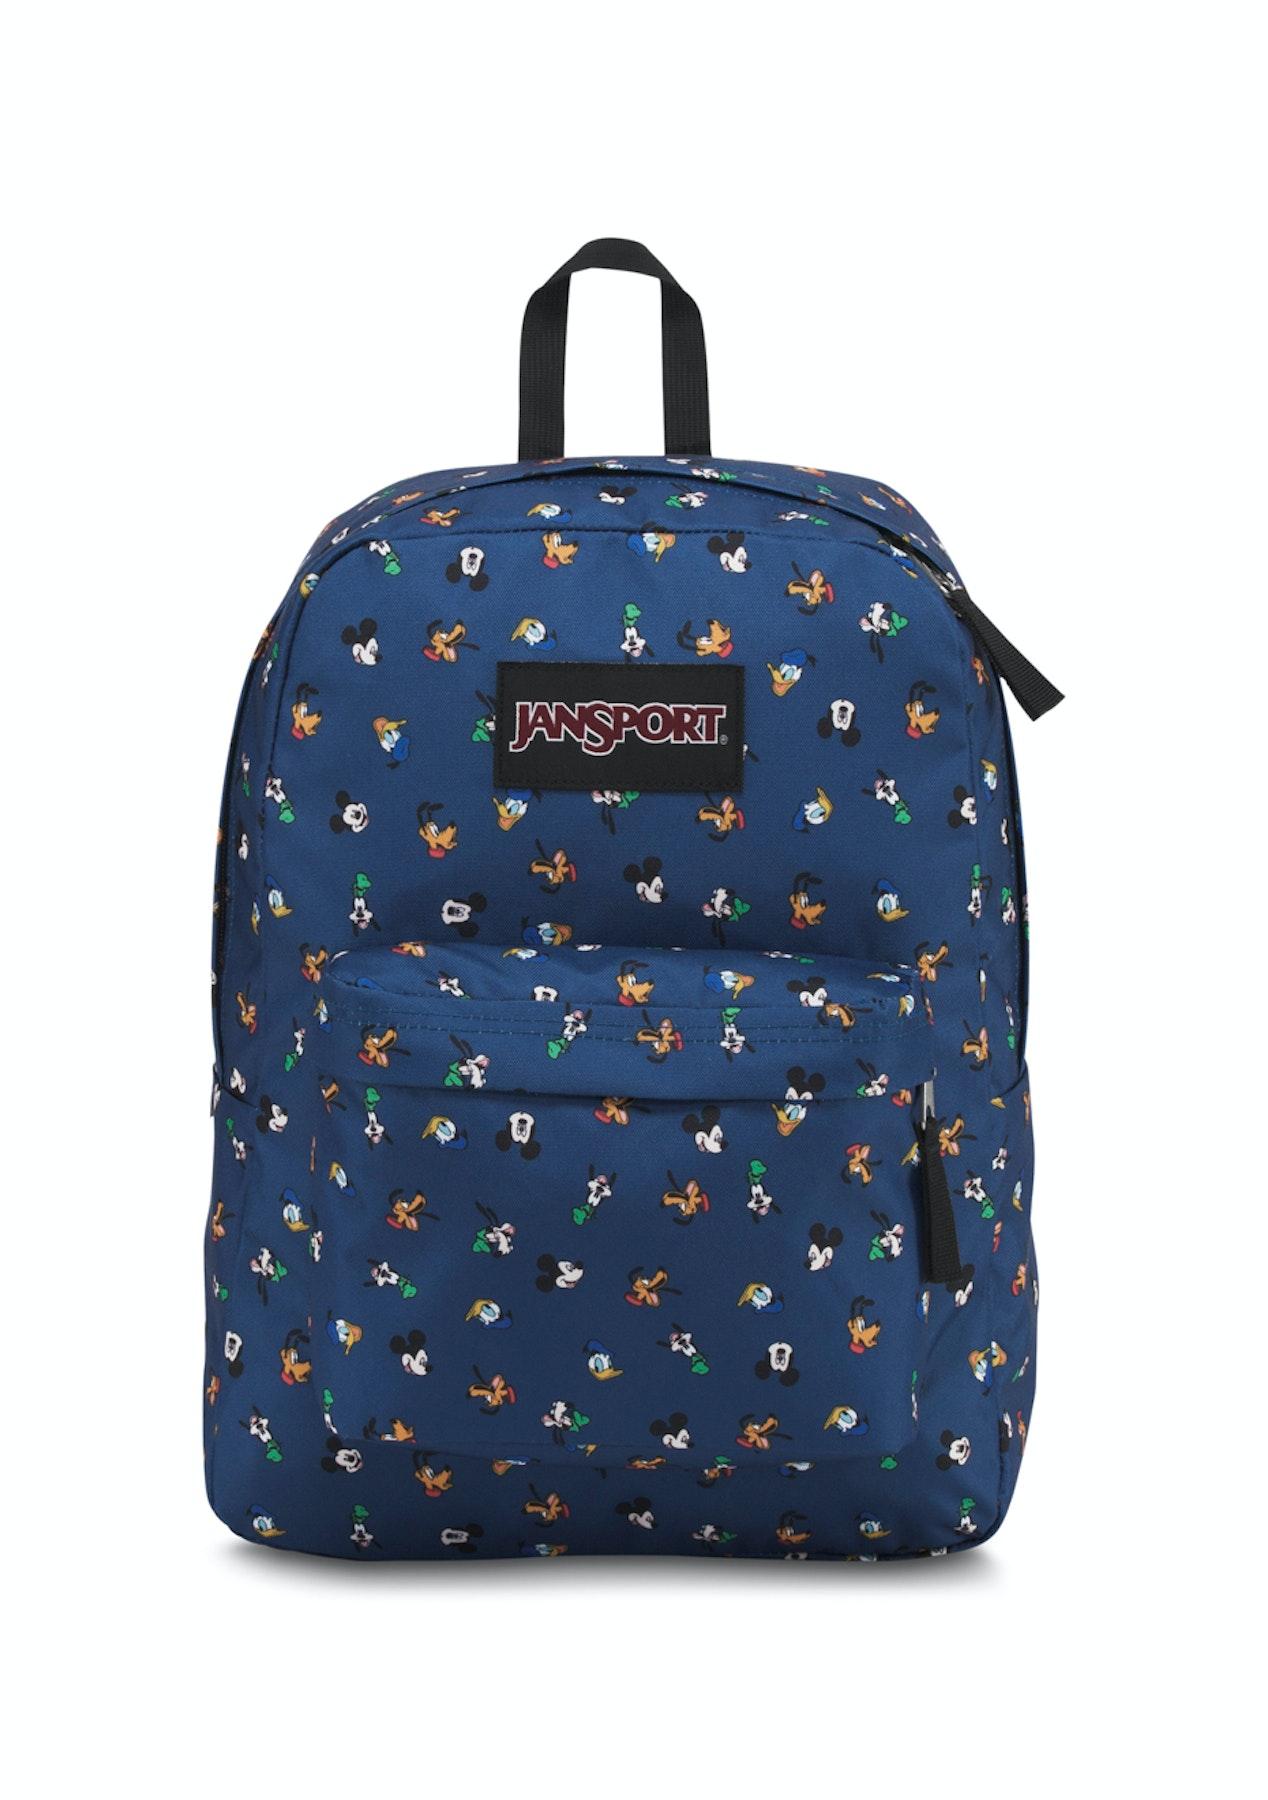 0855af4d0aa Jansport - Disney Superbreak - Gang Dot - Big Brands Mens Sale - Onceit